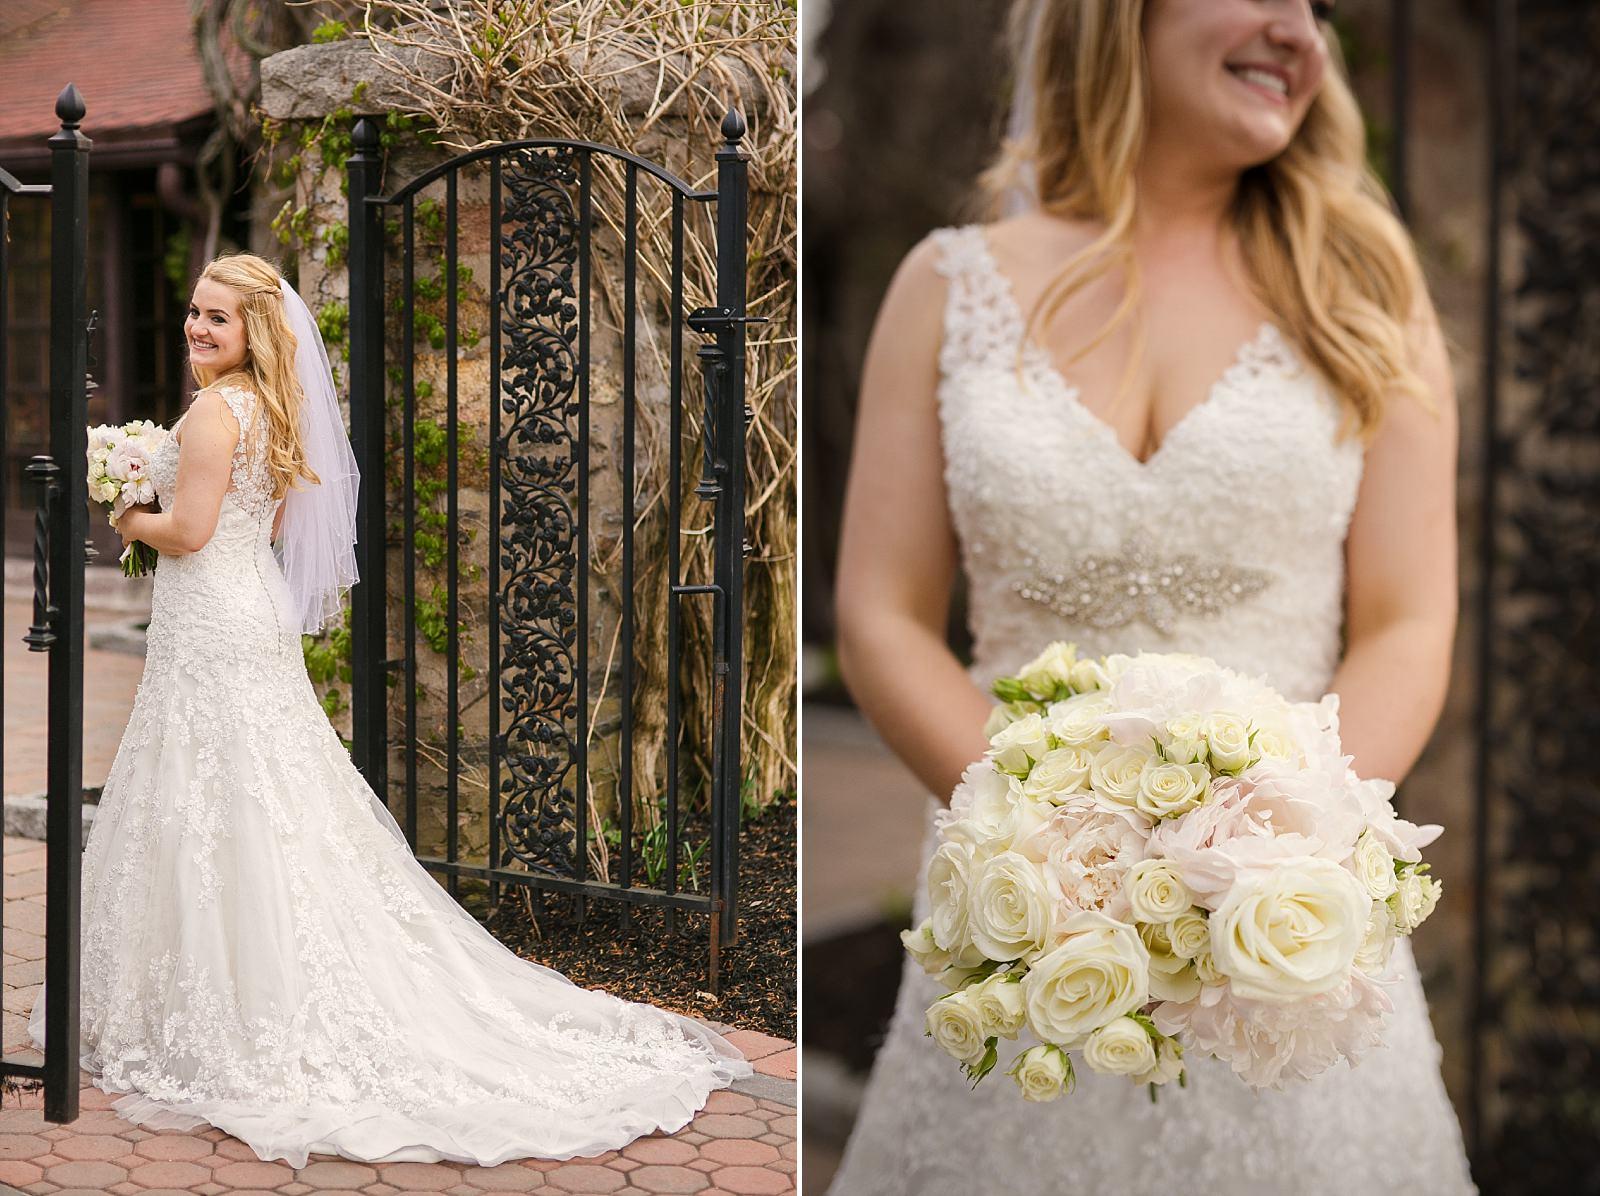 CT_Wedding_Photographer_KrCh_27.jpg